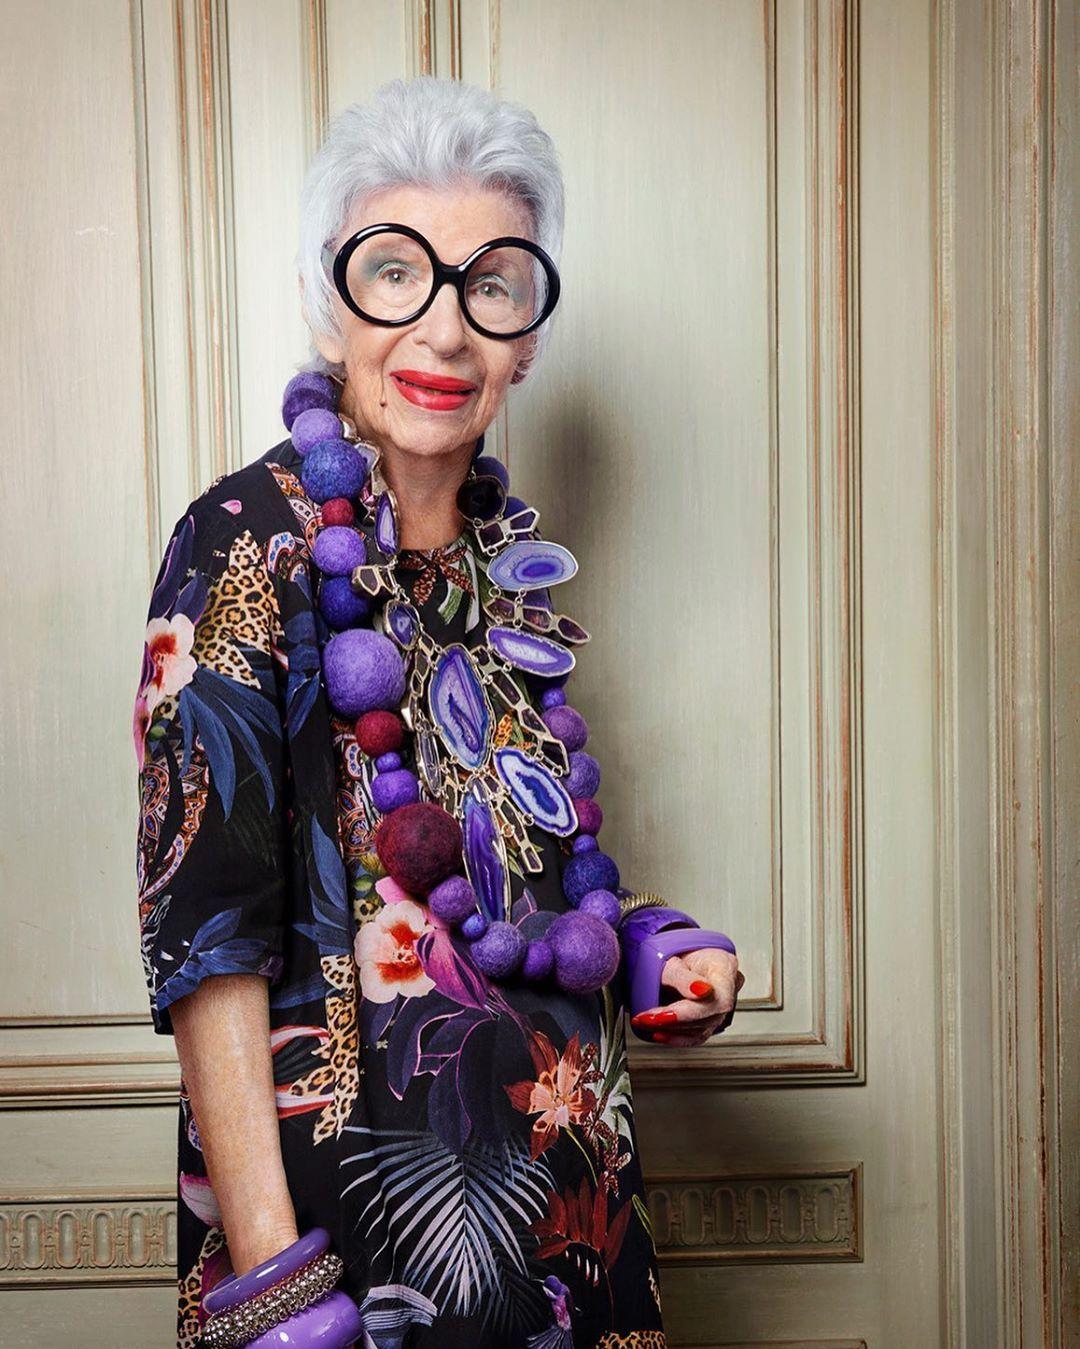 Mỗi lần xuất hiện, Iris Apfel gây ấn tượng với cặp kính tròn, nhiều phụ kiện từ nhẫn, vòng tay, vòng cổ, hoa tai và quần áo màu rực rỡ. Bà Iris Apfel định hình phong cách này cho mình từ khi trở thành người mẫu.